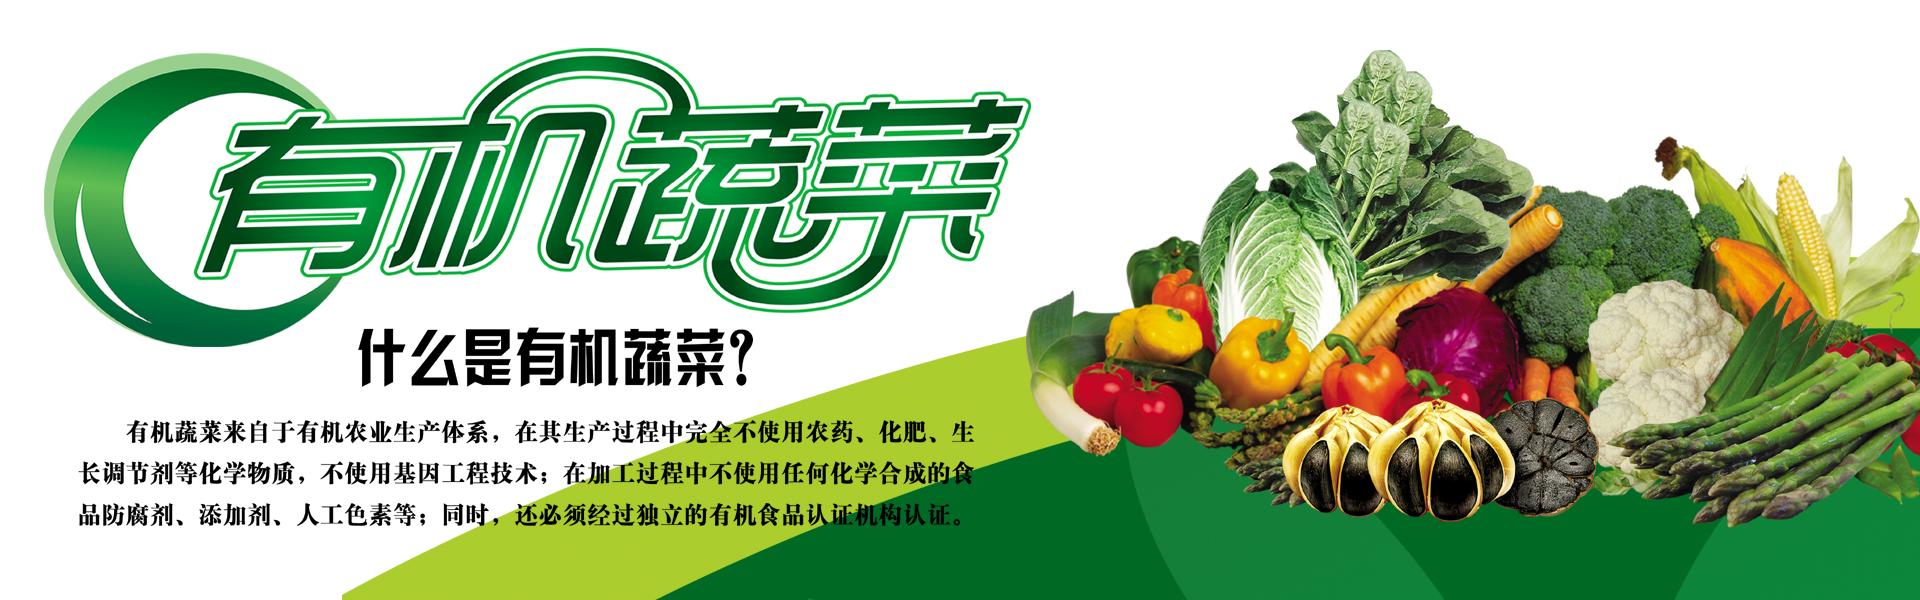 盘锦农贸公司